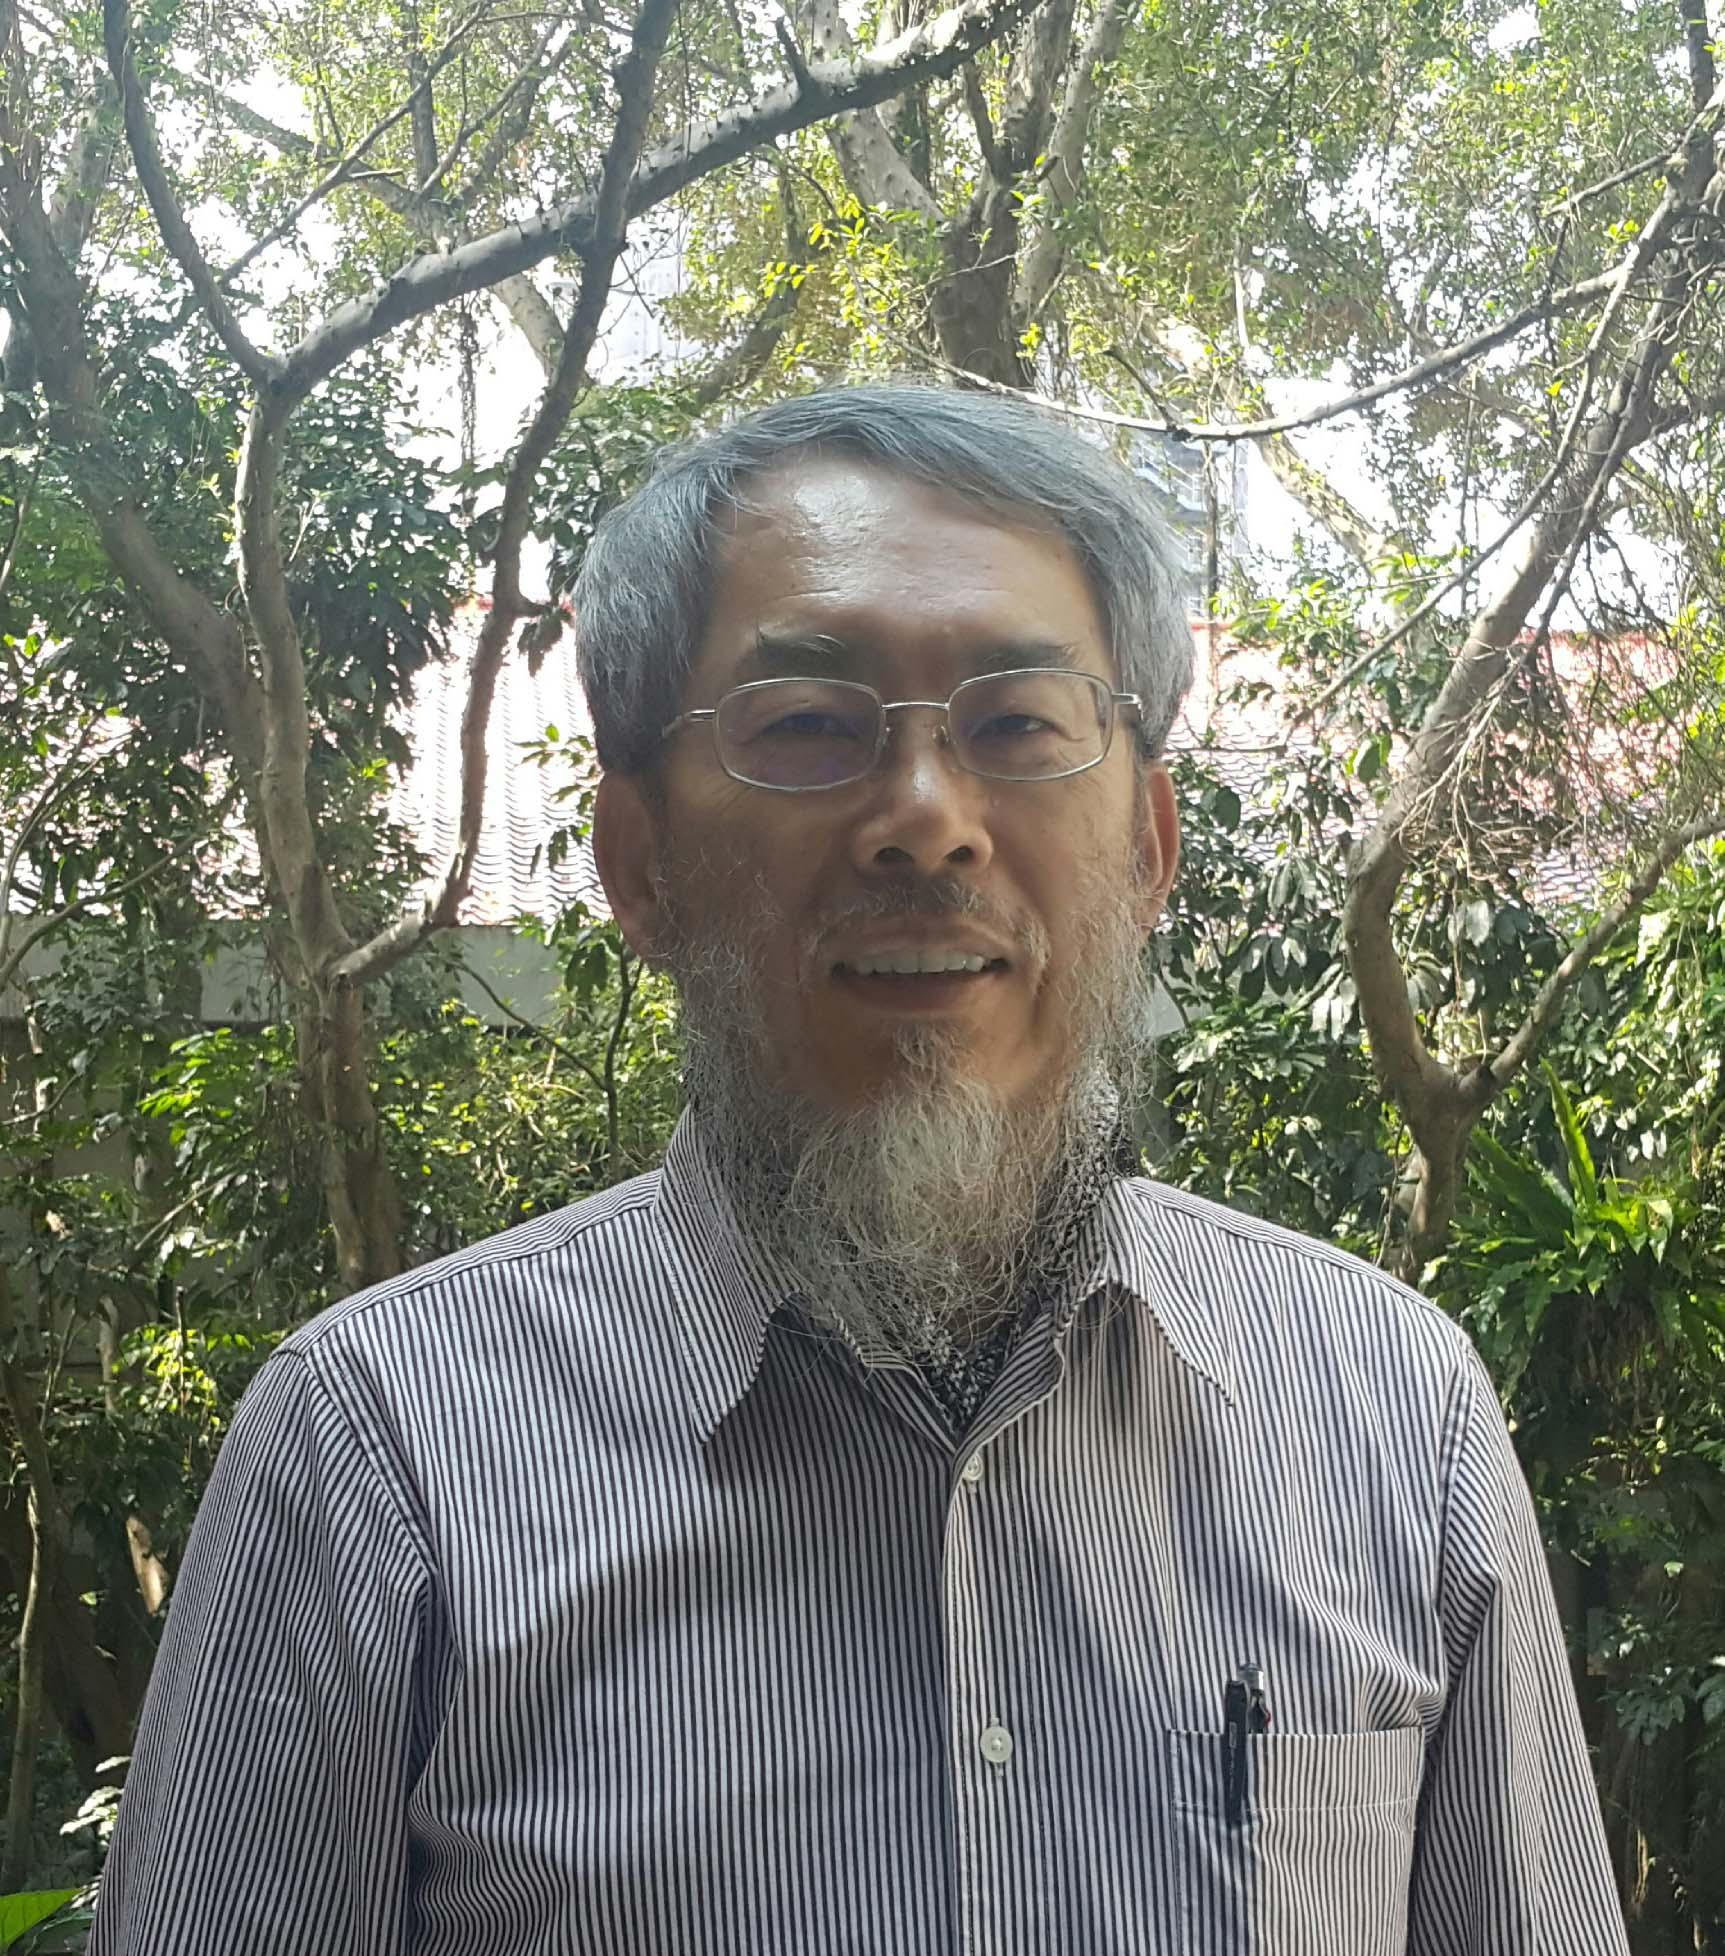 Te-Hsing Shan